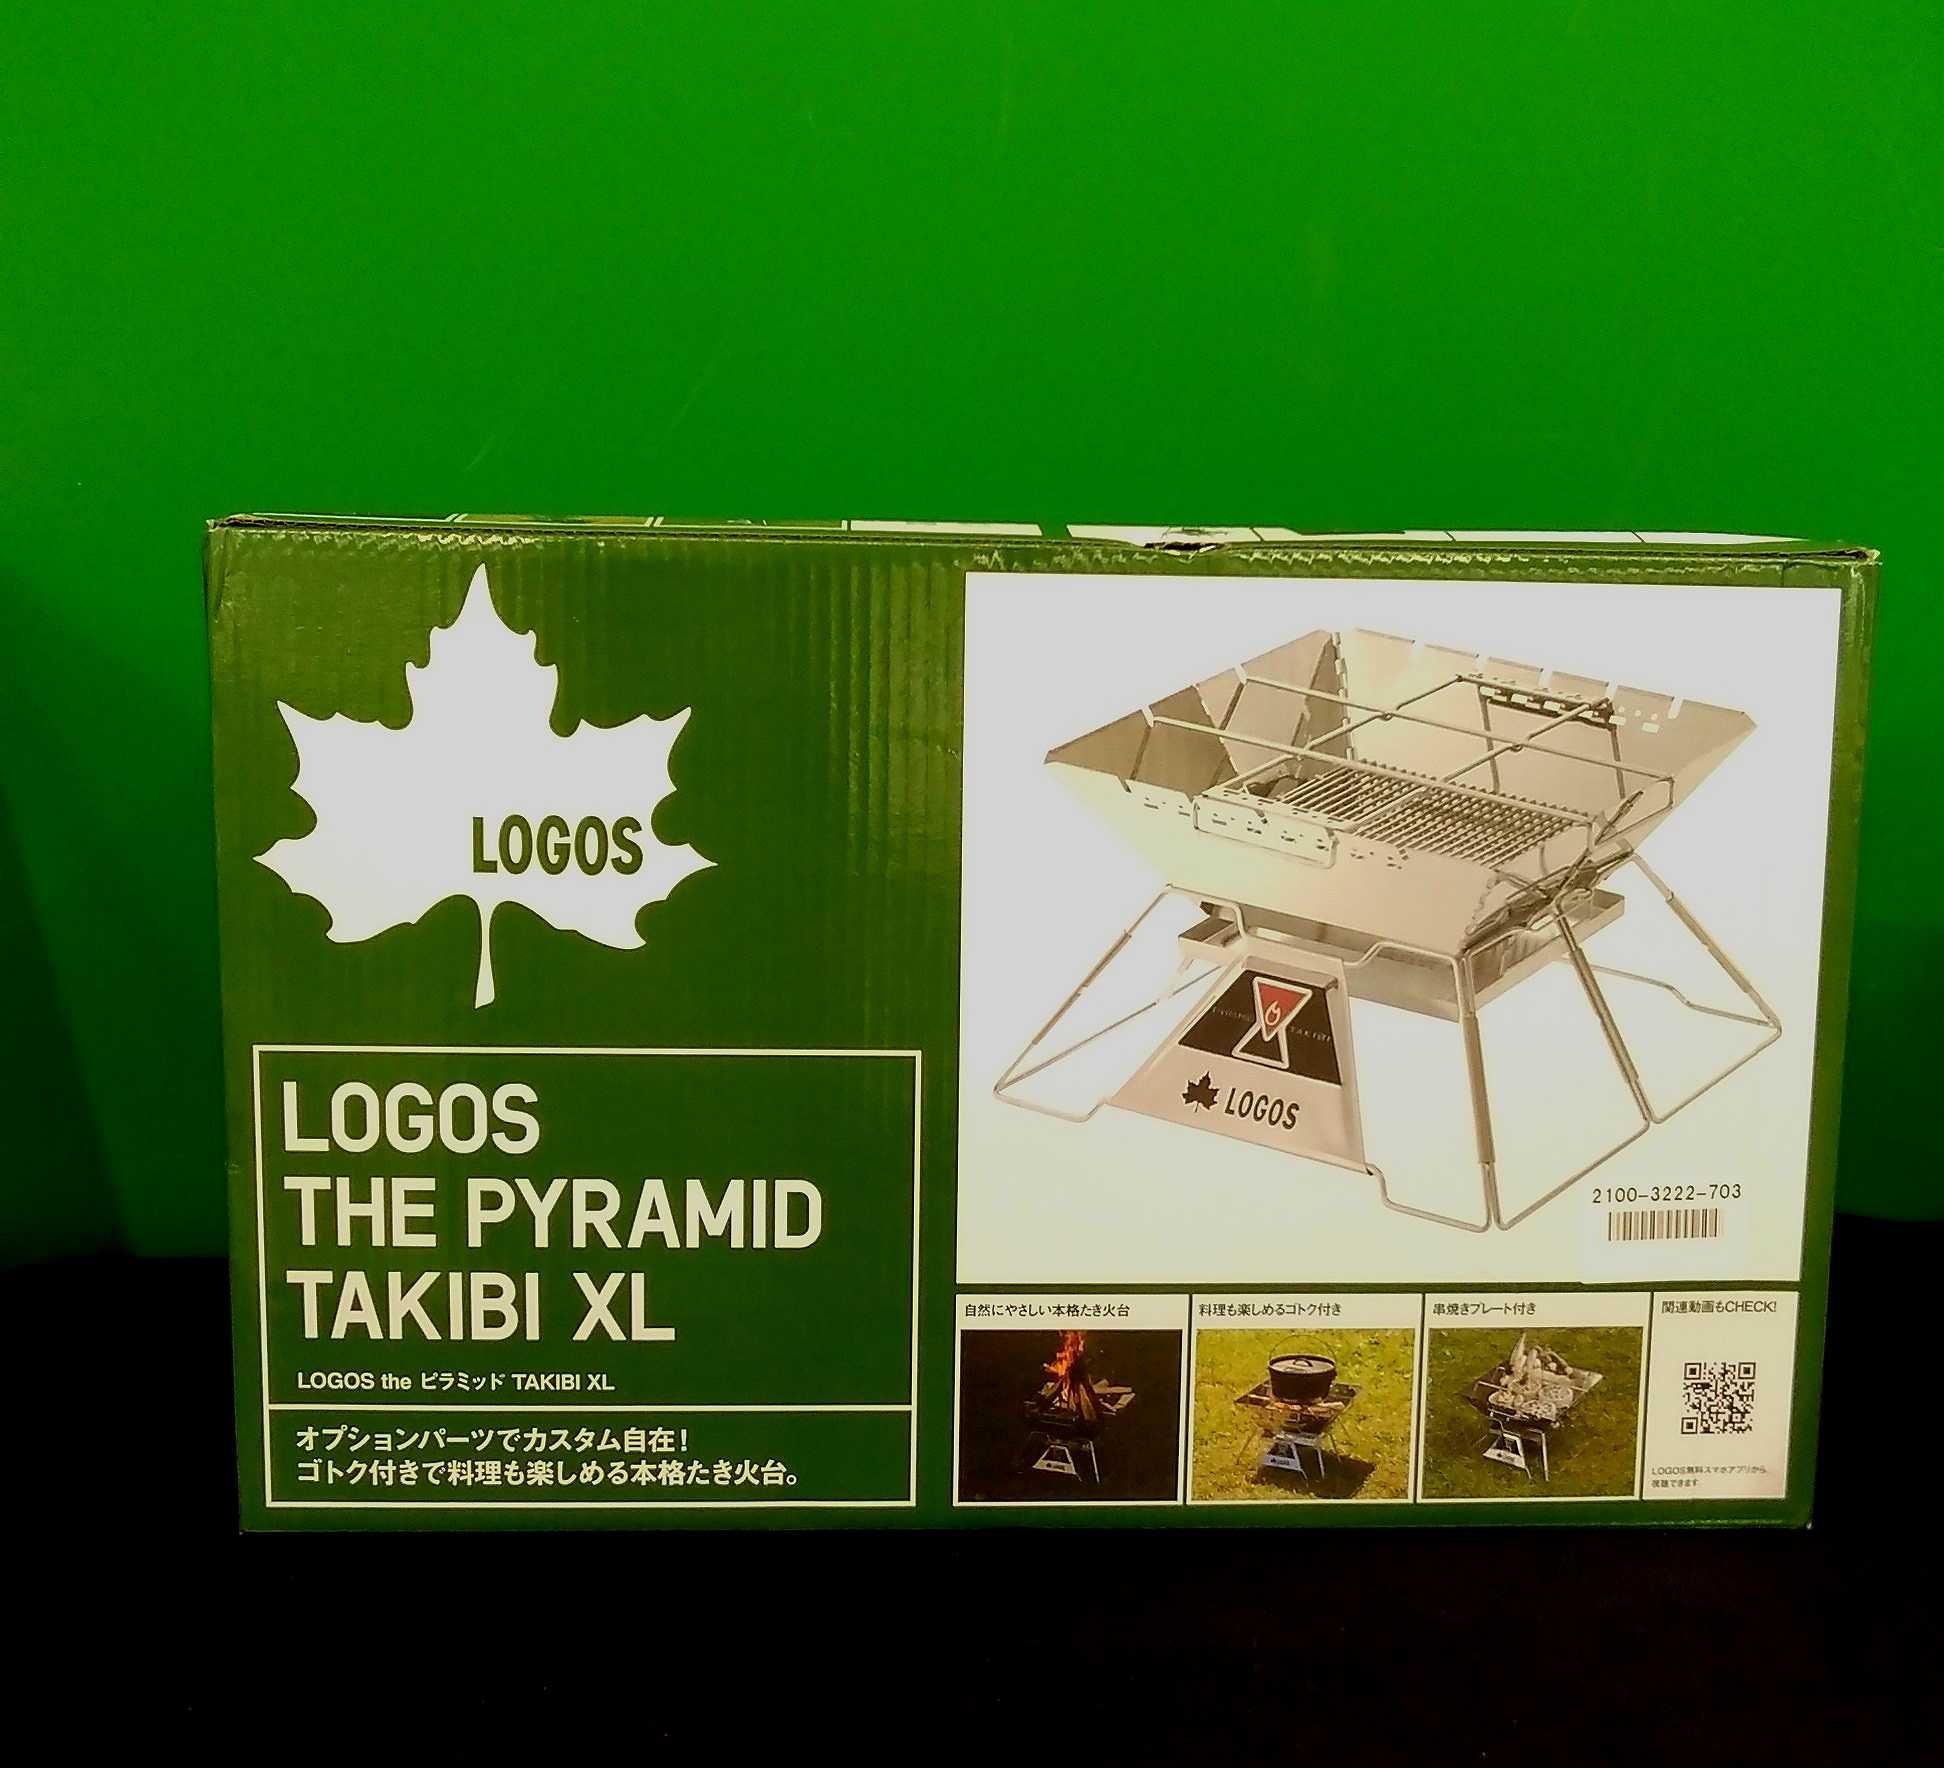 THE PYRAMID TAKIBI XL|LOGOS